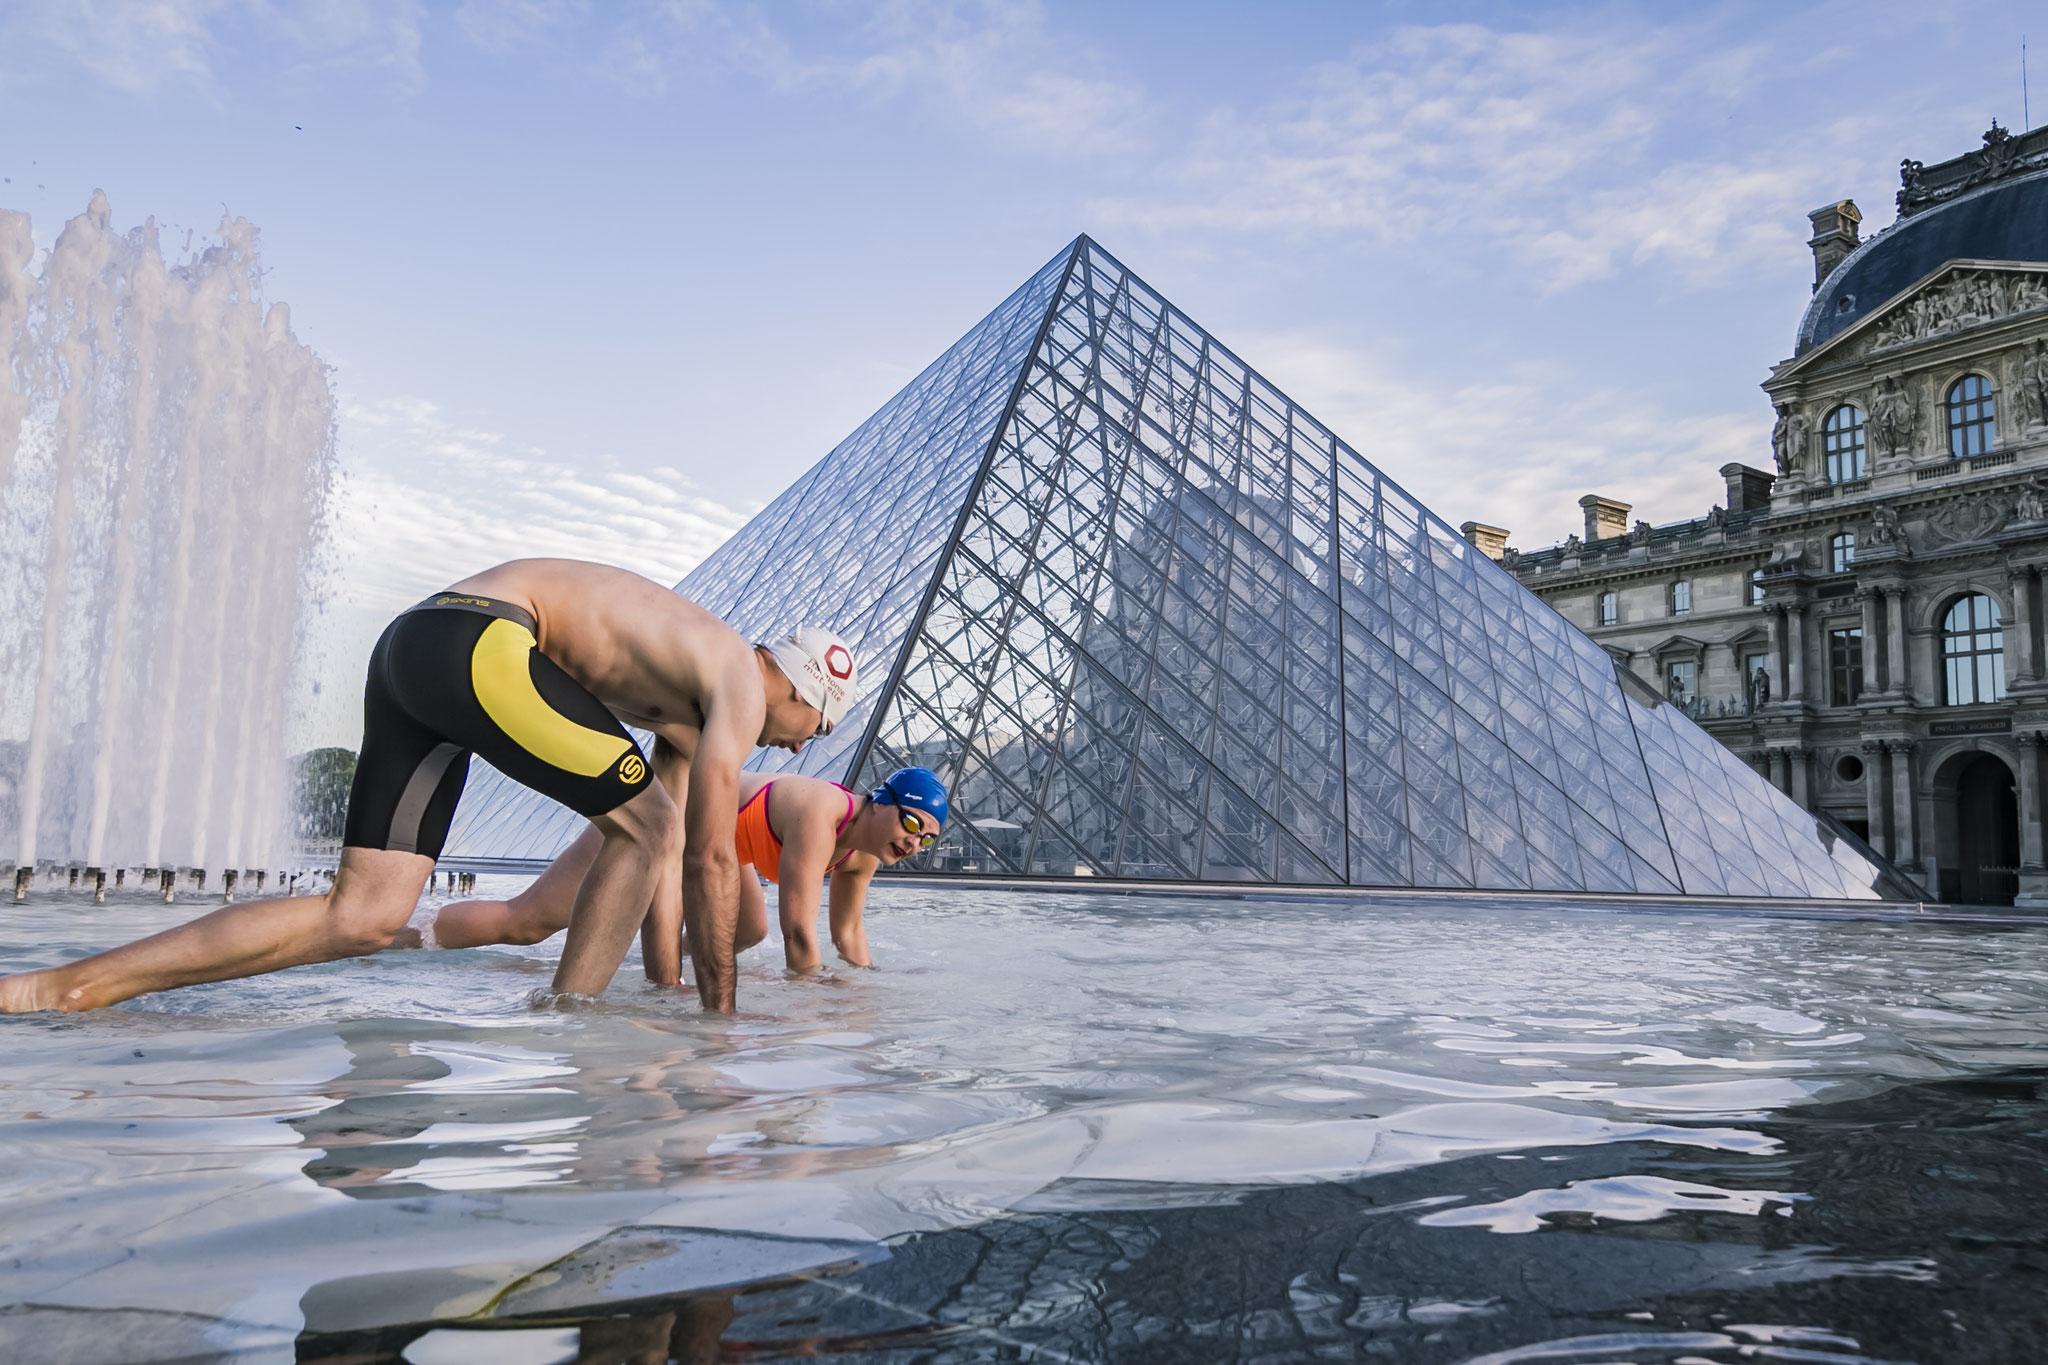 Retrouver du plaisir dans l'eau... après des heures d'entraînement à compter les carreaux au fond de la piscine. (crédit photo Blueparallax)